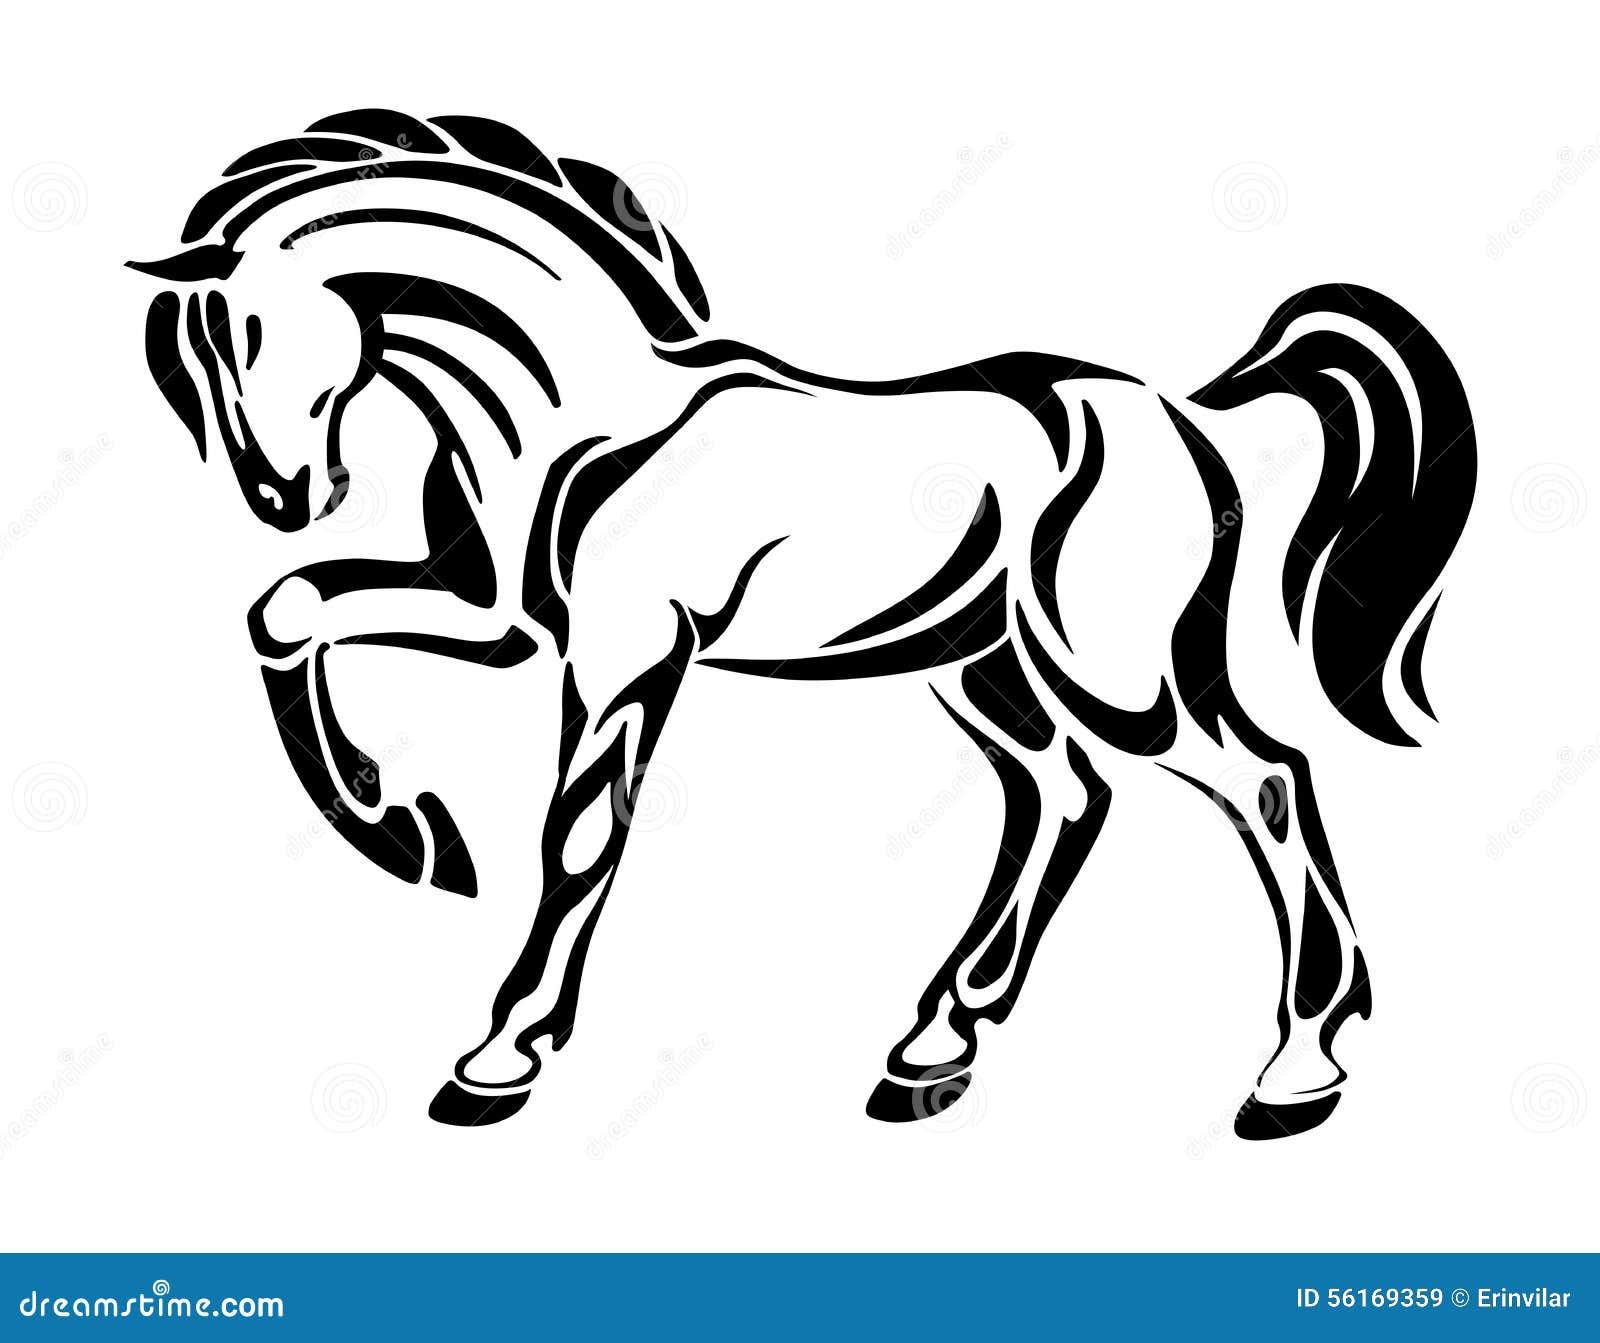 Tatuaggio del cavallo disegno grafico stilizzato di for Cavallo stilizzato